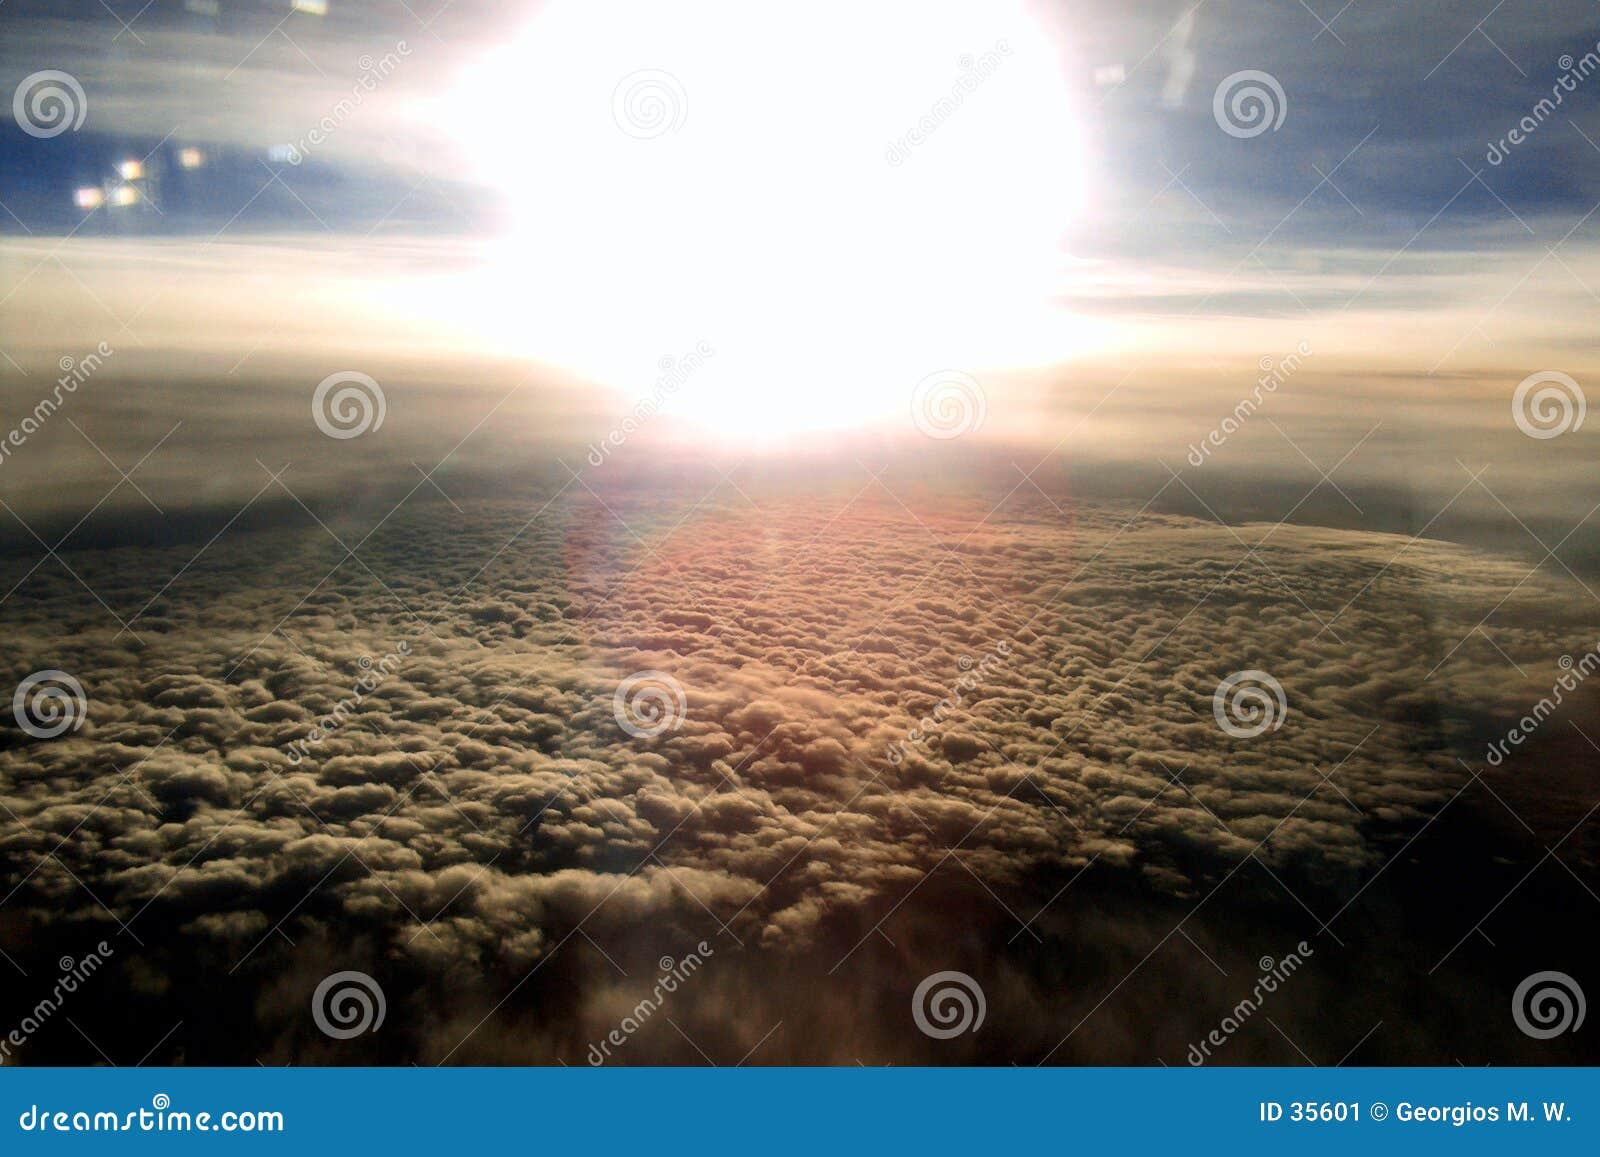 Download Descripción 3 imagen de archivo. Imagen de travelling, vuelo - 35601